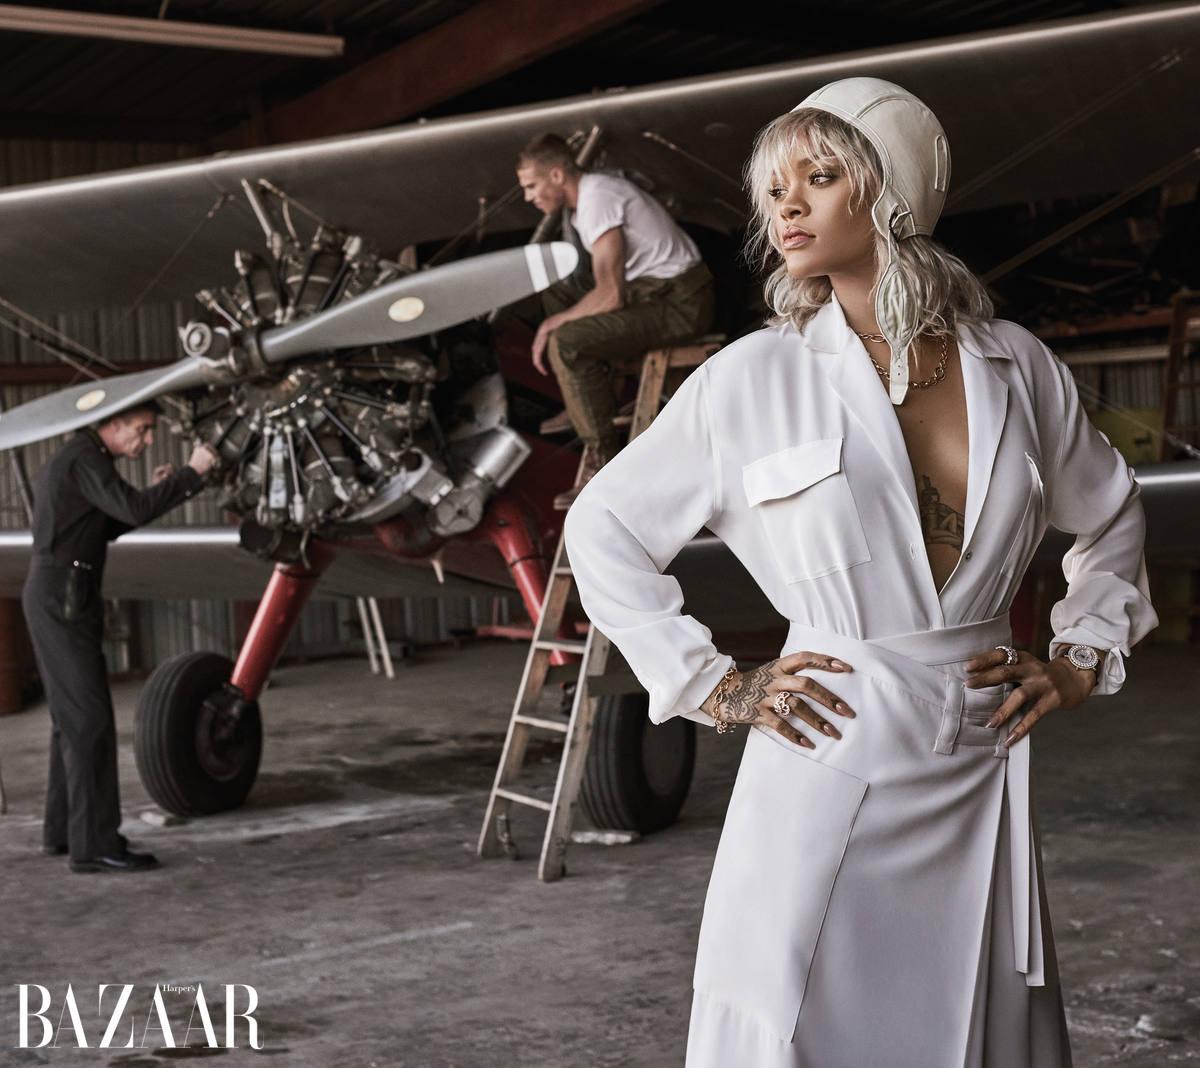 Áo và chân váy, Bottega Veneta. Mũ bay, Ralph Lauren Collection. Vòng cổ và đồng hồ, Chopard. Nhẫn, Dior Fine Jewelry. Vòng tay, Cartier